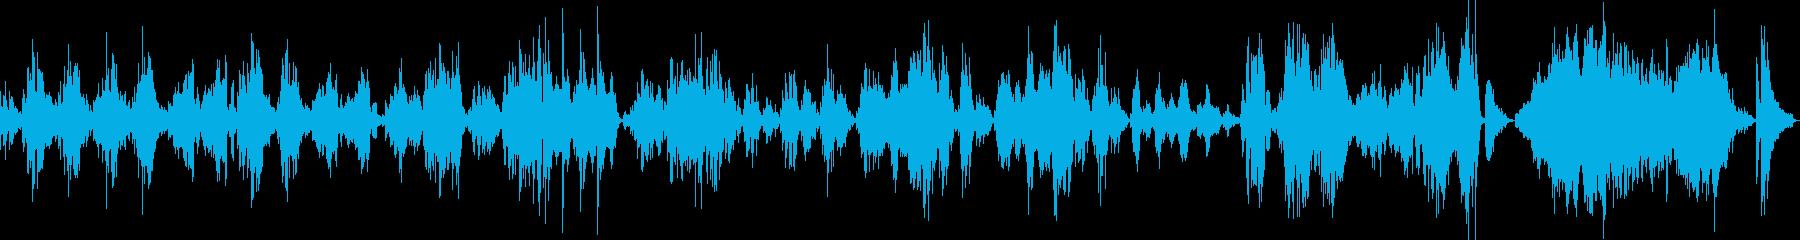 ショパン:華麗なる大円舞曲(ピアノソロ)の再生済みの波形